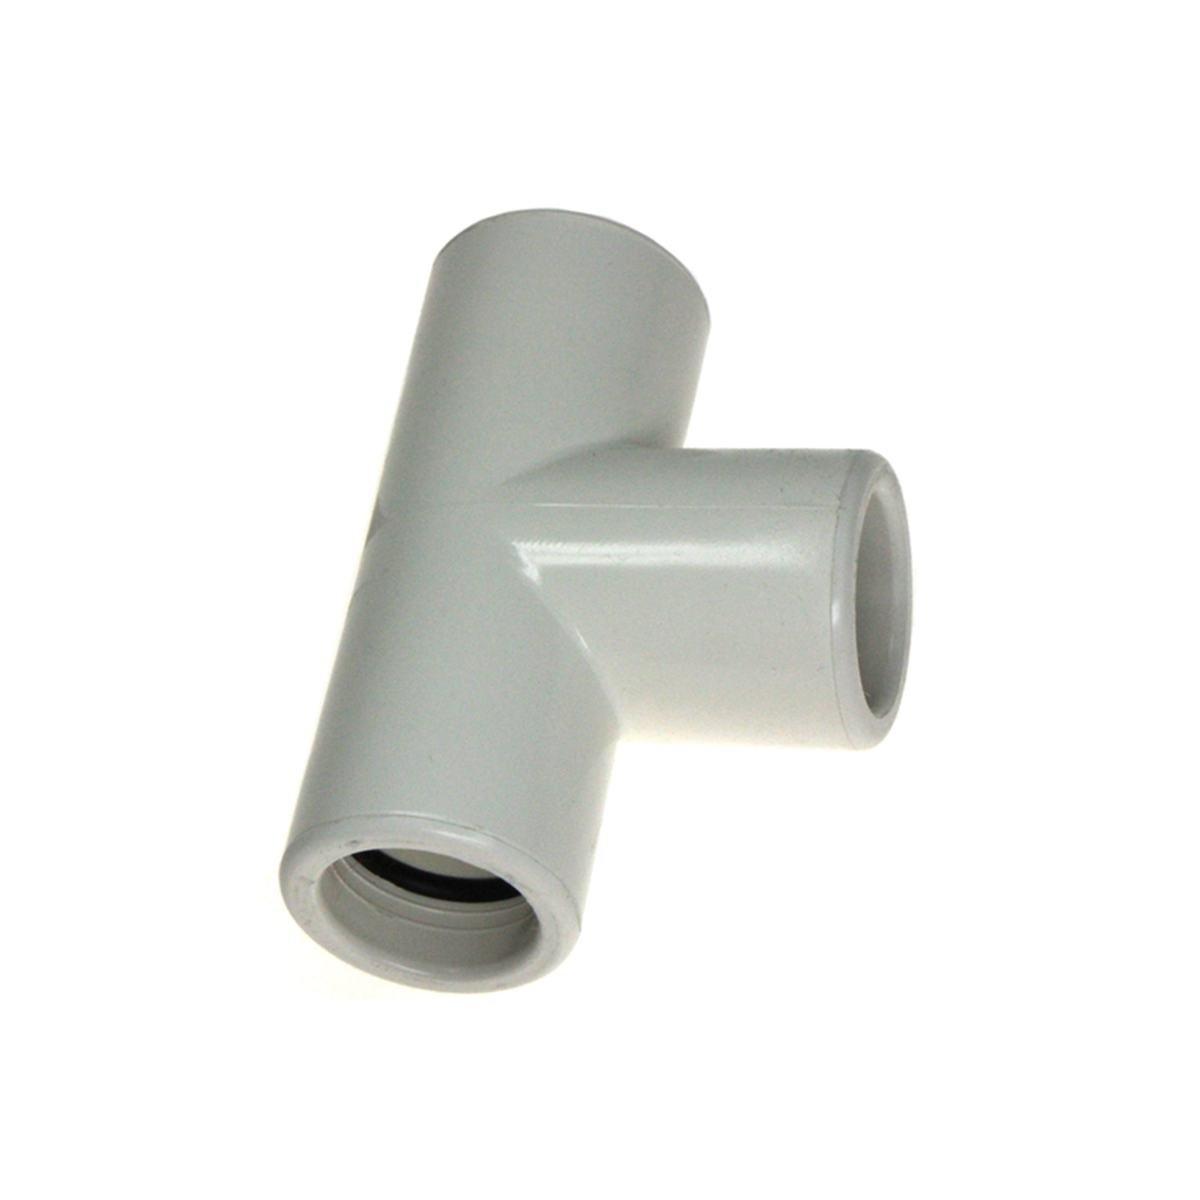 Rørmuffe T-stykke med O-ringe til 20 mm rør